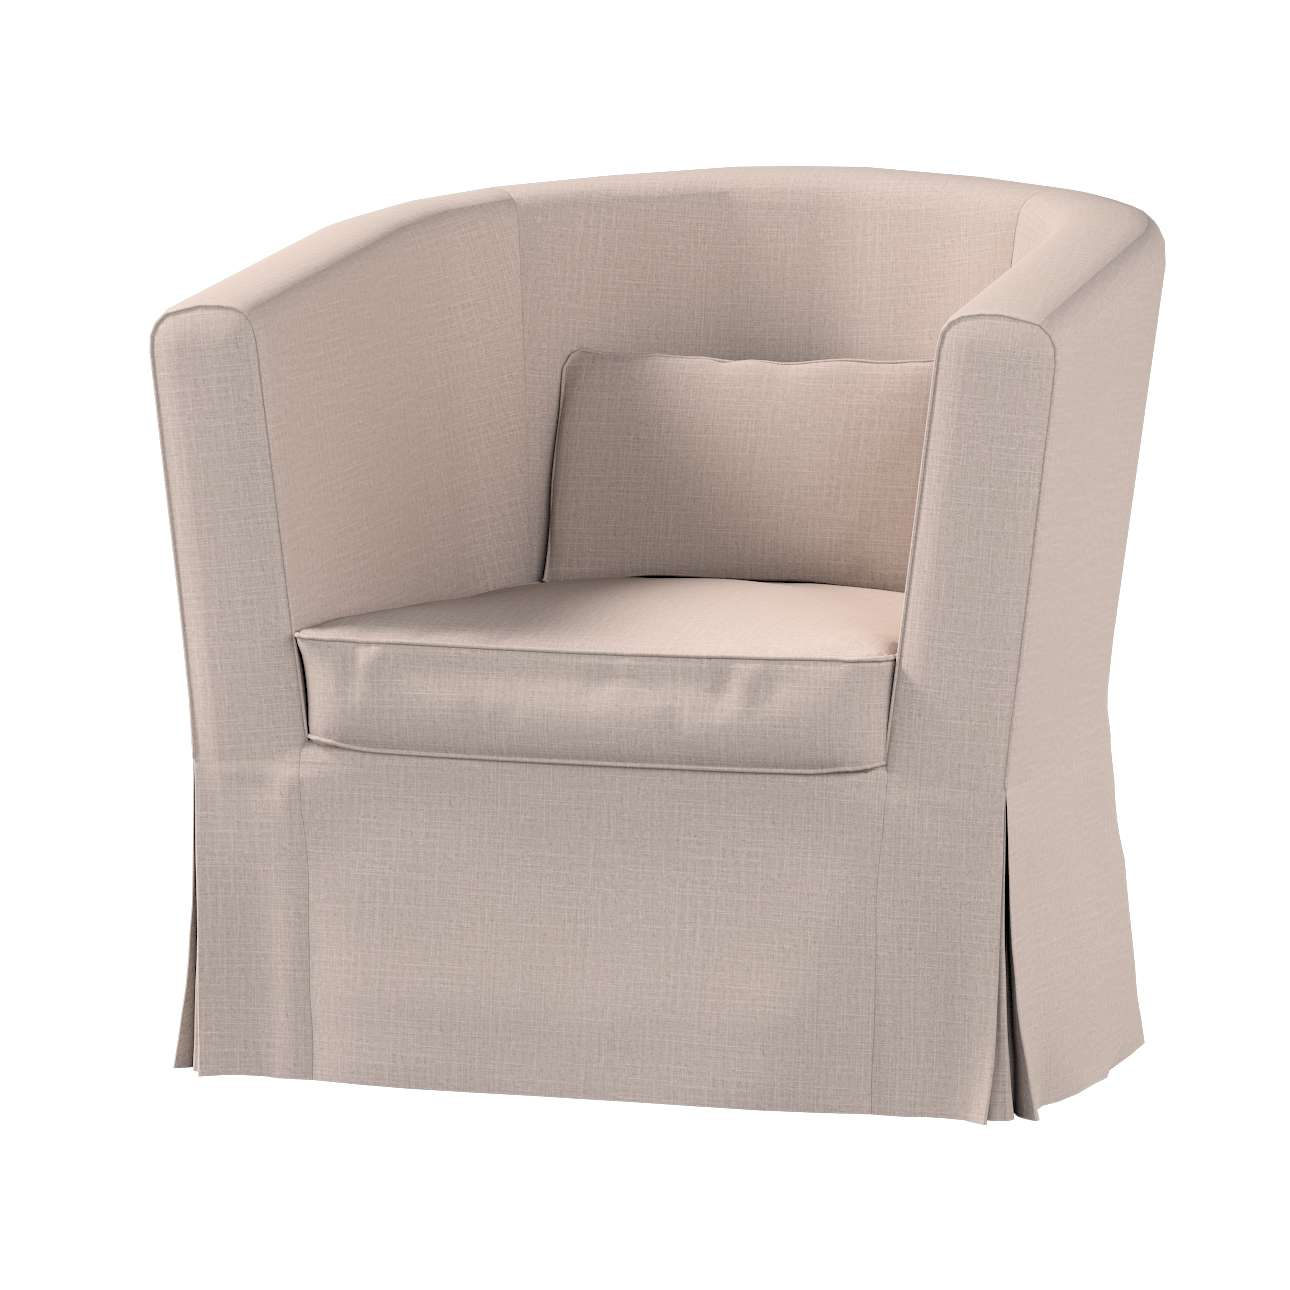 Pokrowiec na fotel Ektorp Tullsta w kolekcji Living II, tkanina: 160-85